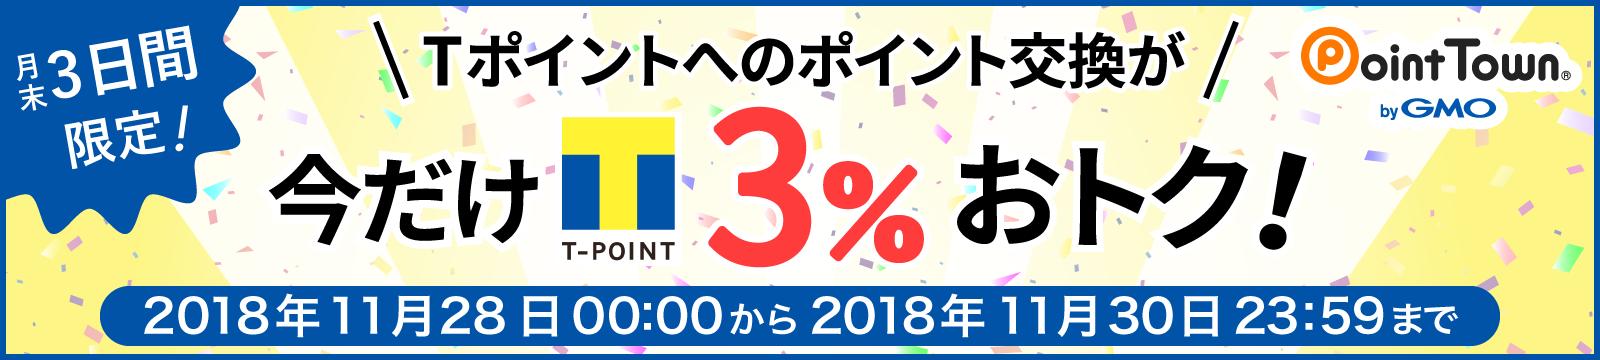 ポイントタウン Tポイント3%おトク